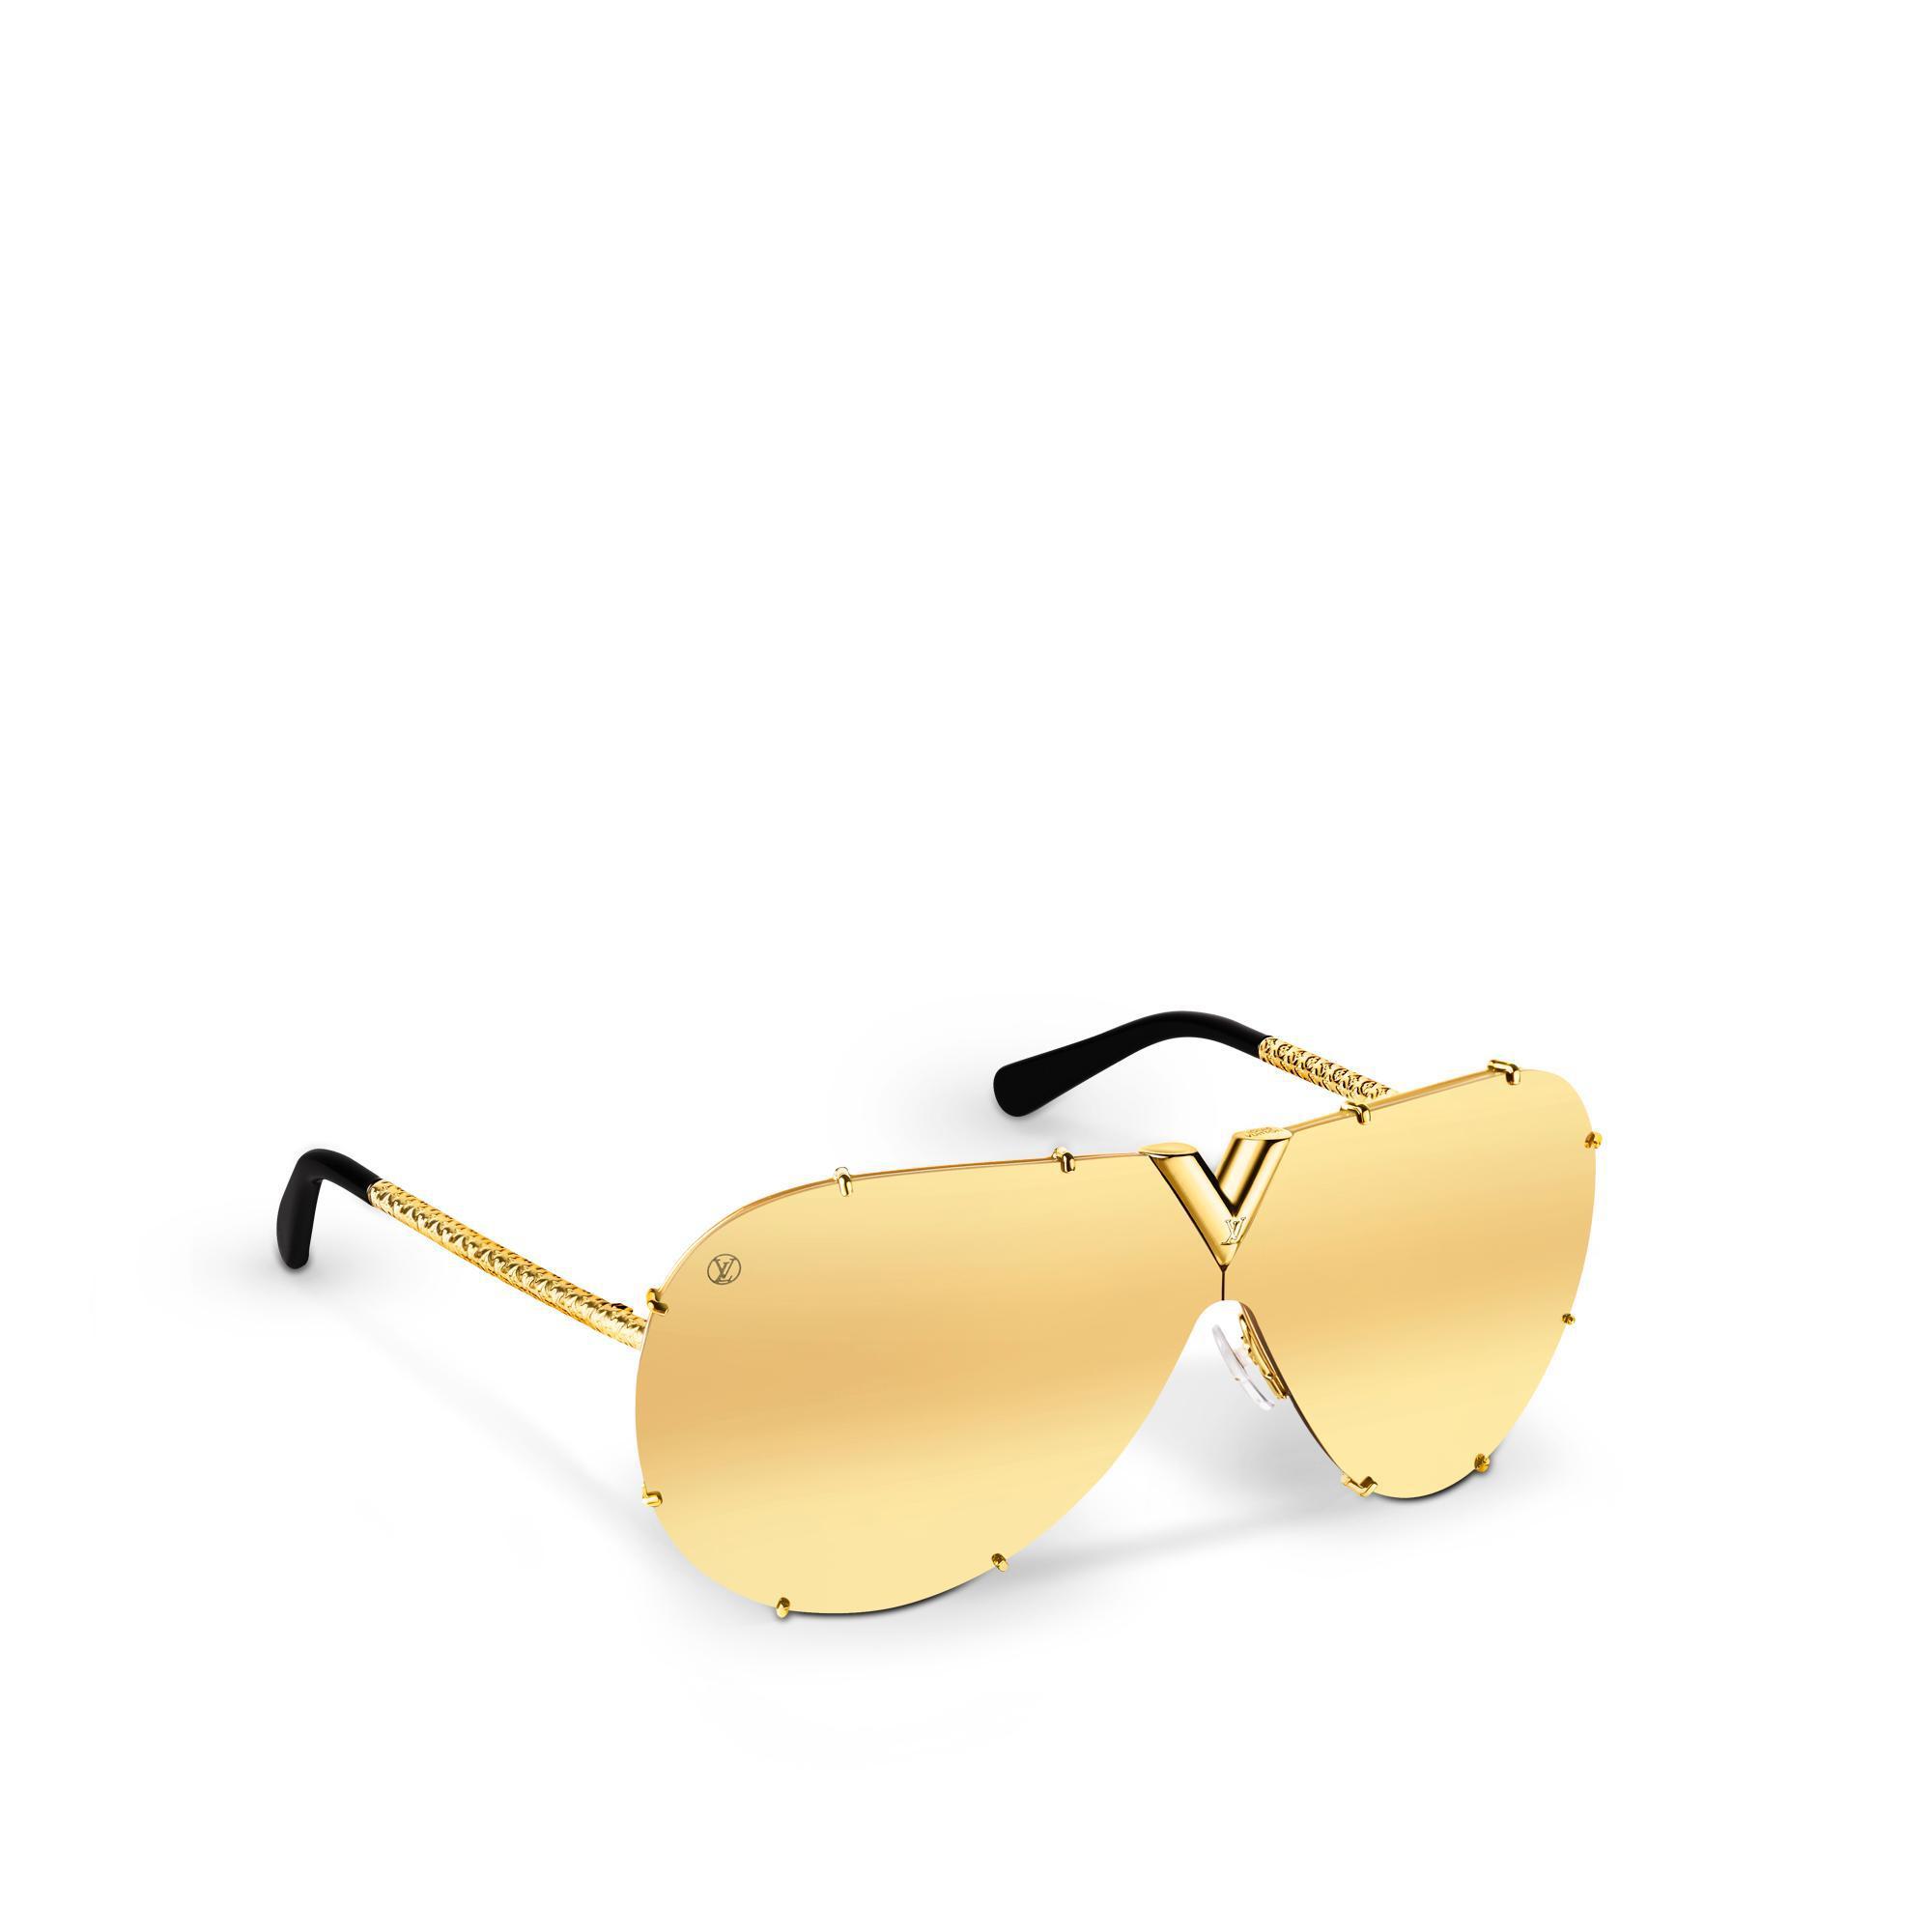 cc15d0ddf2f Louis Vuitton Lv Drive Sunglasses | ModeSens